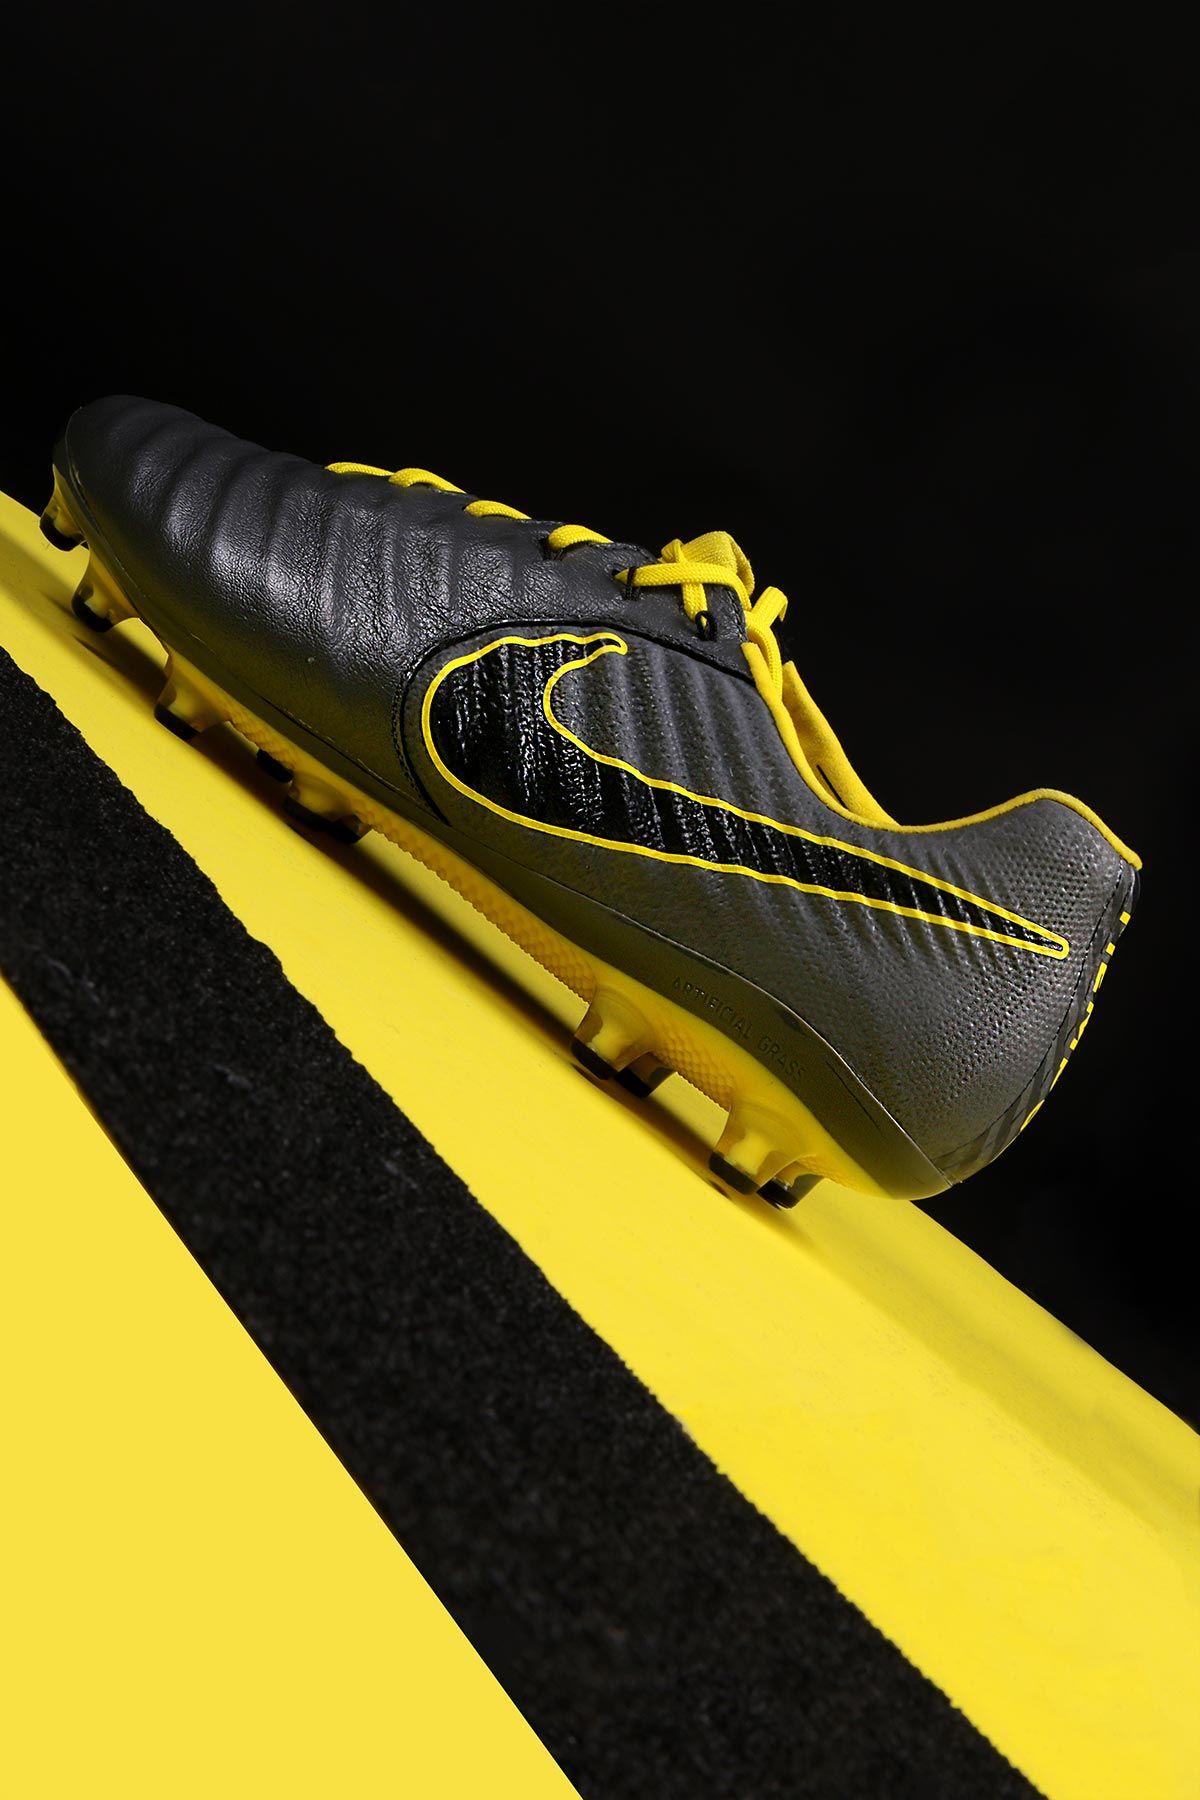 meet 1deee c3be7  NikeTiempo Legend ⚠ Termina el juego, marca el camino hacia el gol   GameOver  futbolmania  futbolmaniakids Foto   donforofo (instagram) para  ...